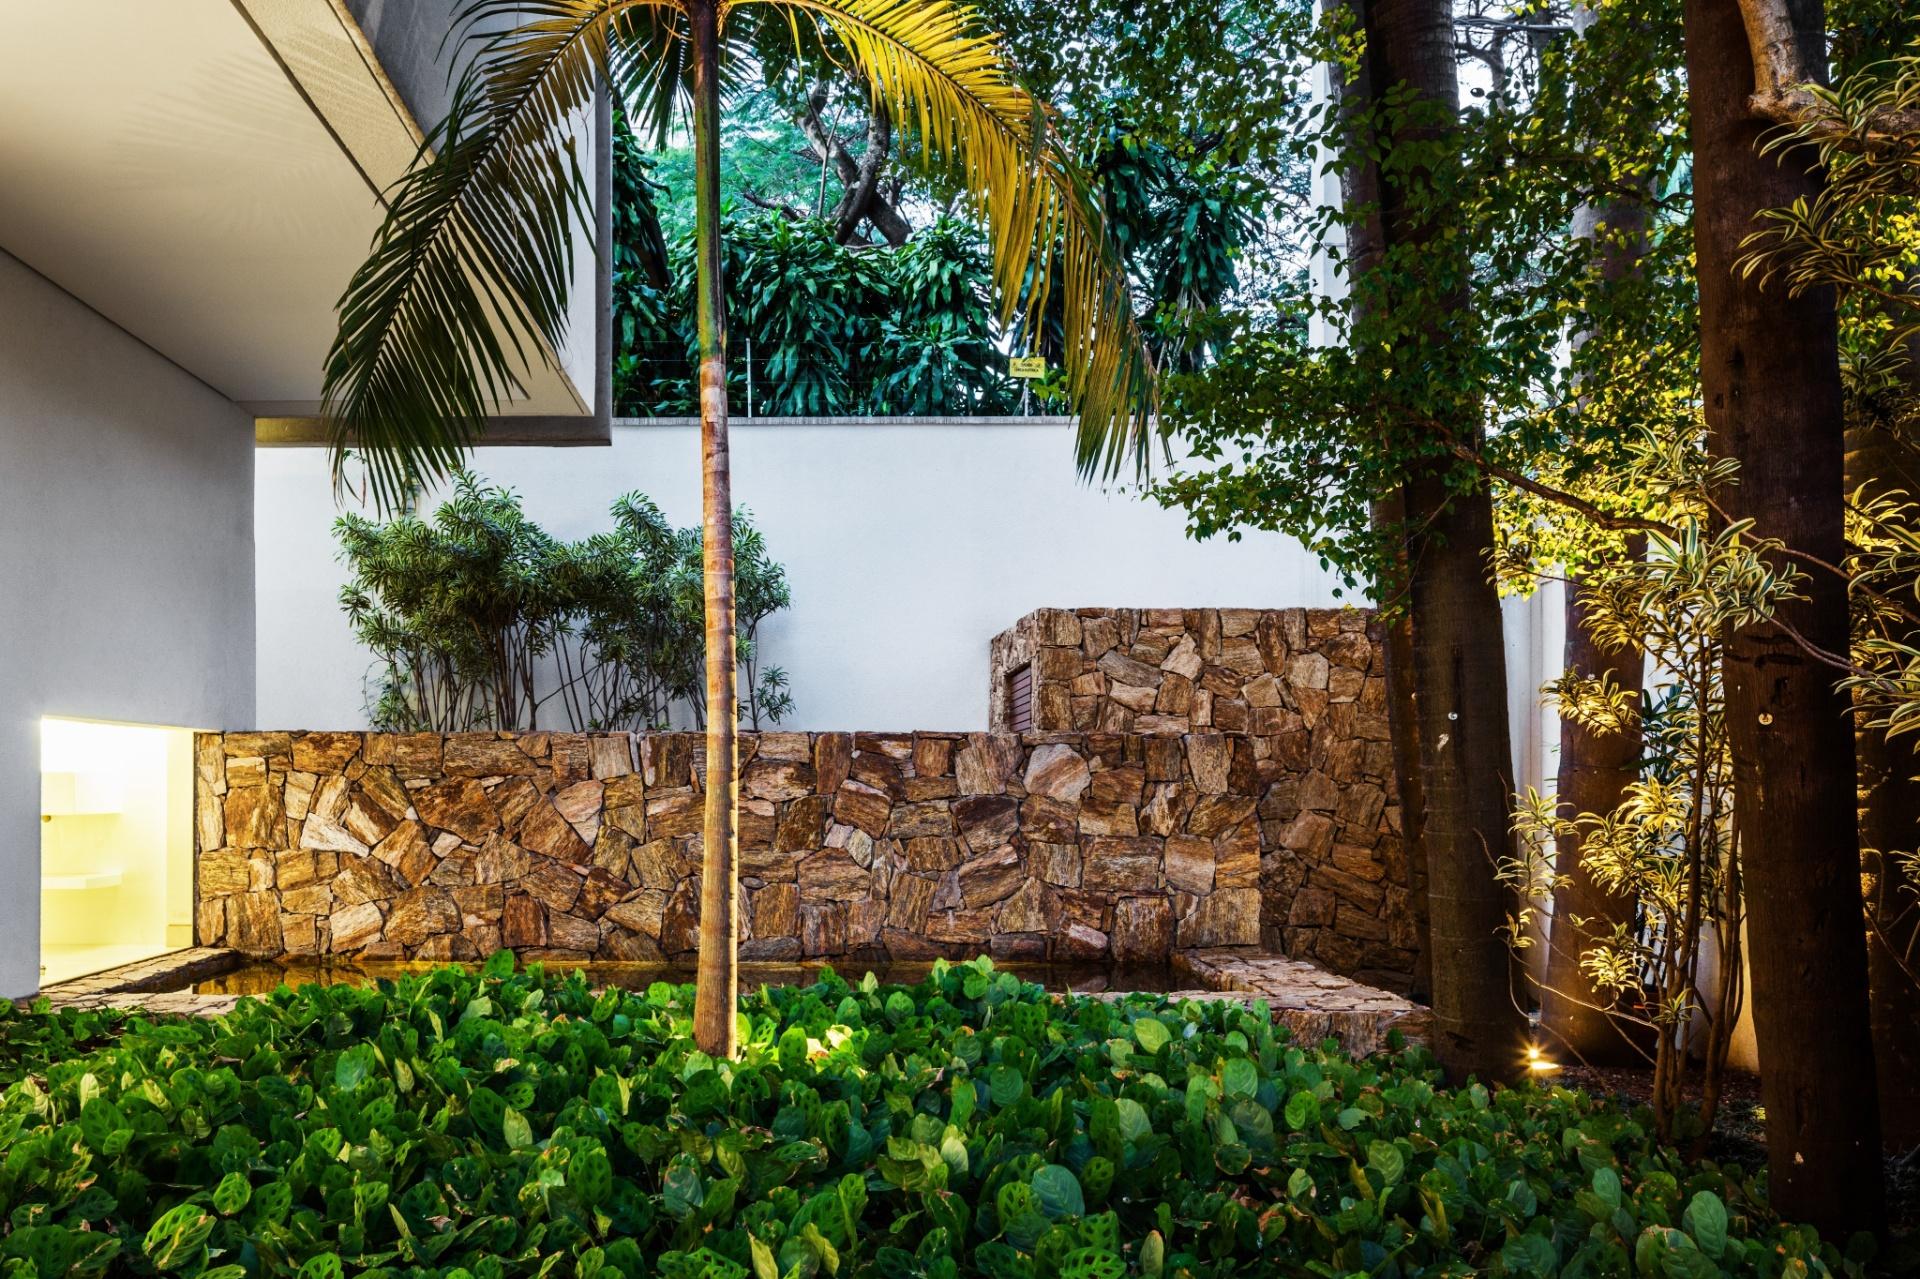 A forração verde, idealizada pela paisagista Martha Gavião, emoldura as árvores de grande porte. Aqui a iluminação foi fundamental para destacar as texturas. A mureta de pedras delimita o acesso de serviço da casa projetada pelo escritório Reinach Mendonça Arquitetos Associados